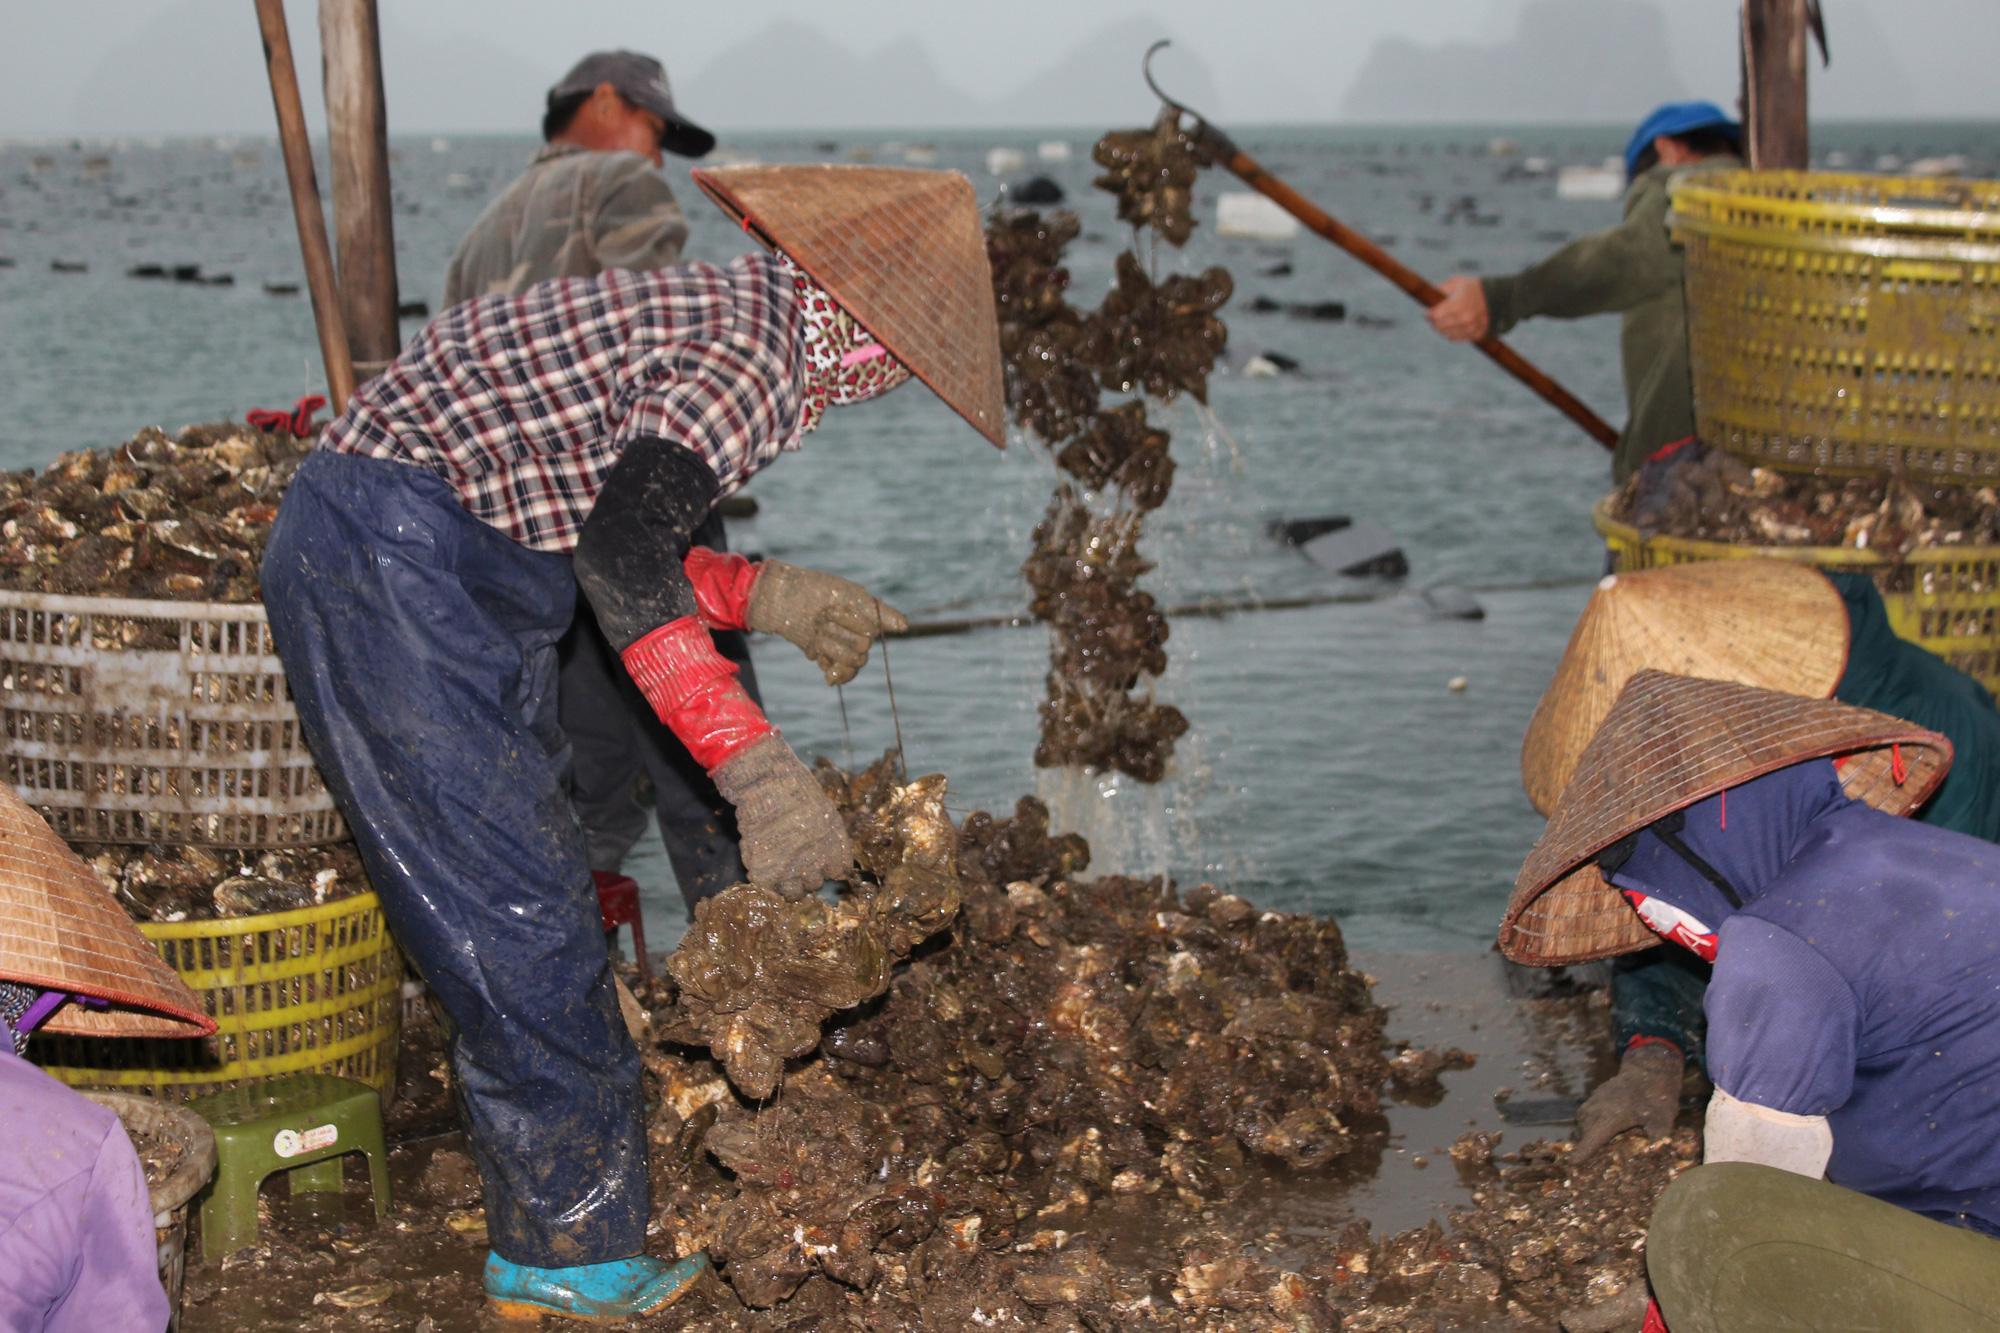 Quảng Ninh: Hàu sữa rớt giá vì dịch COVID-19, ngư dân trắng đêm thu hoạch - Ảnh 4.